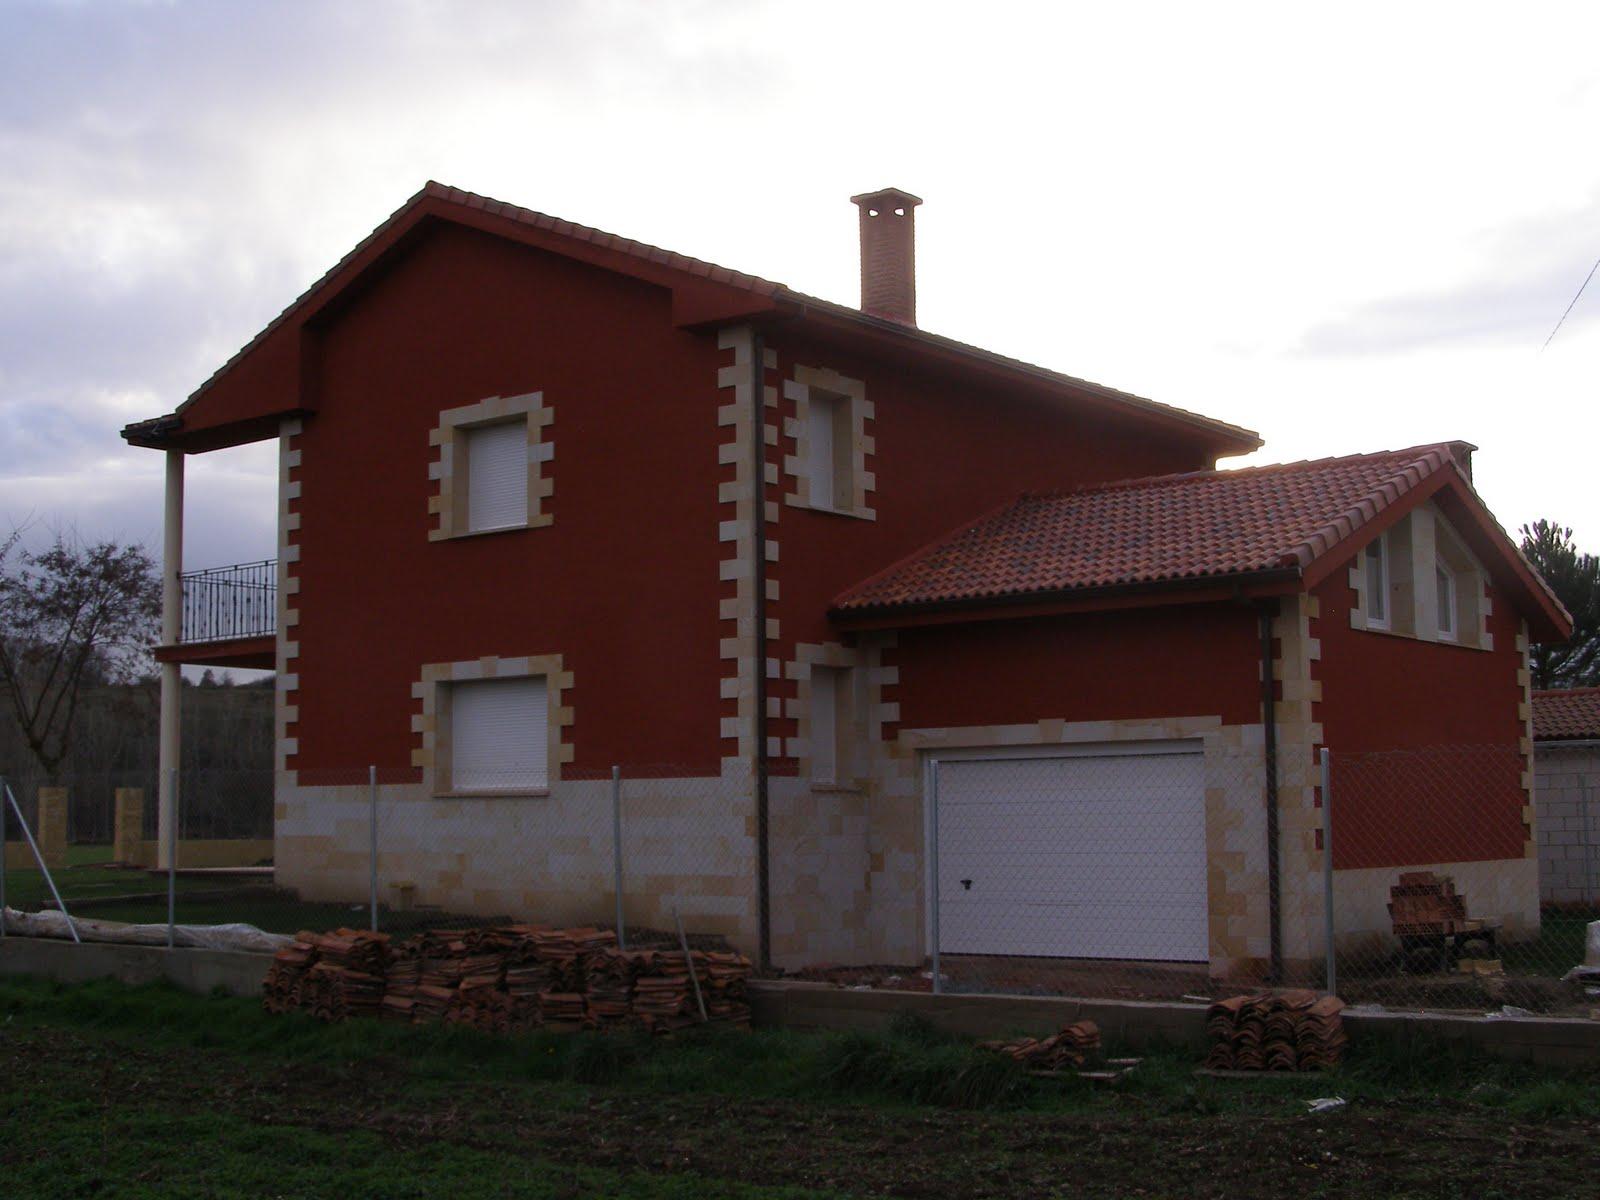 Construcciones jaime detalles de esta vivienda de nueva for Nueva construccion